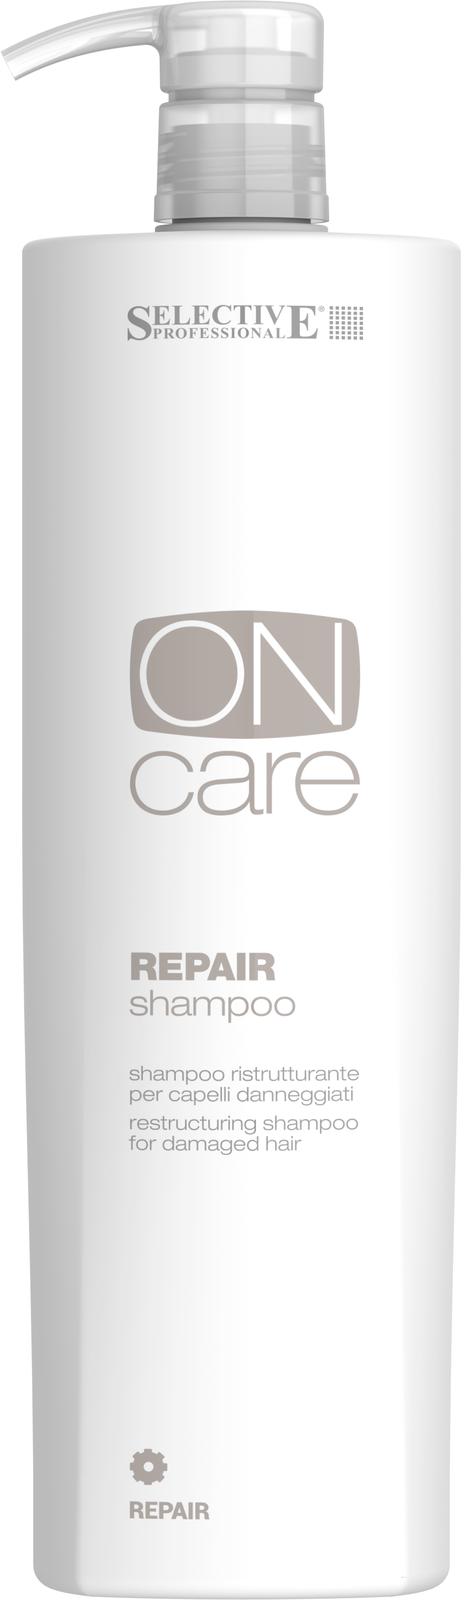 SELECTIVE PROFESSIONAL Шампунь восстанавливающий для поврежденных волос / On Care Repair 1000 мл